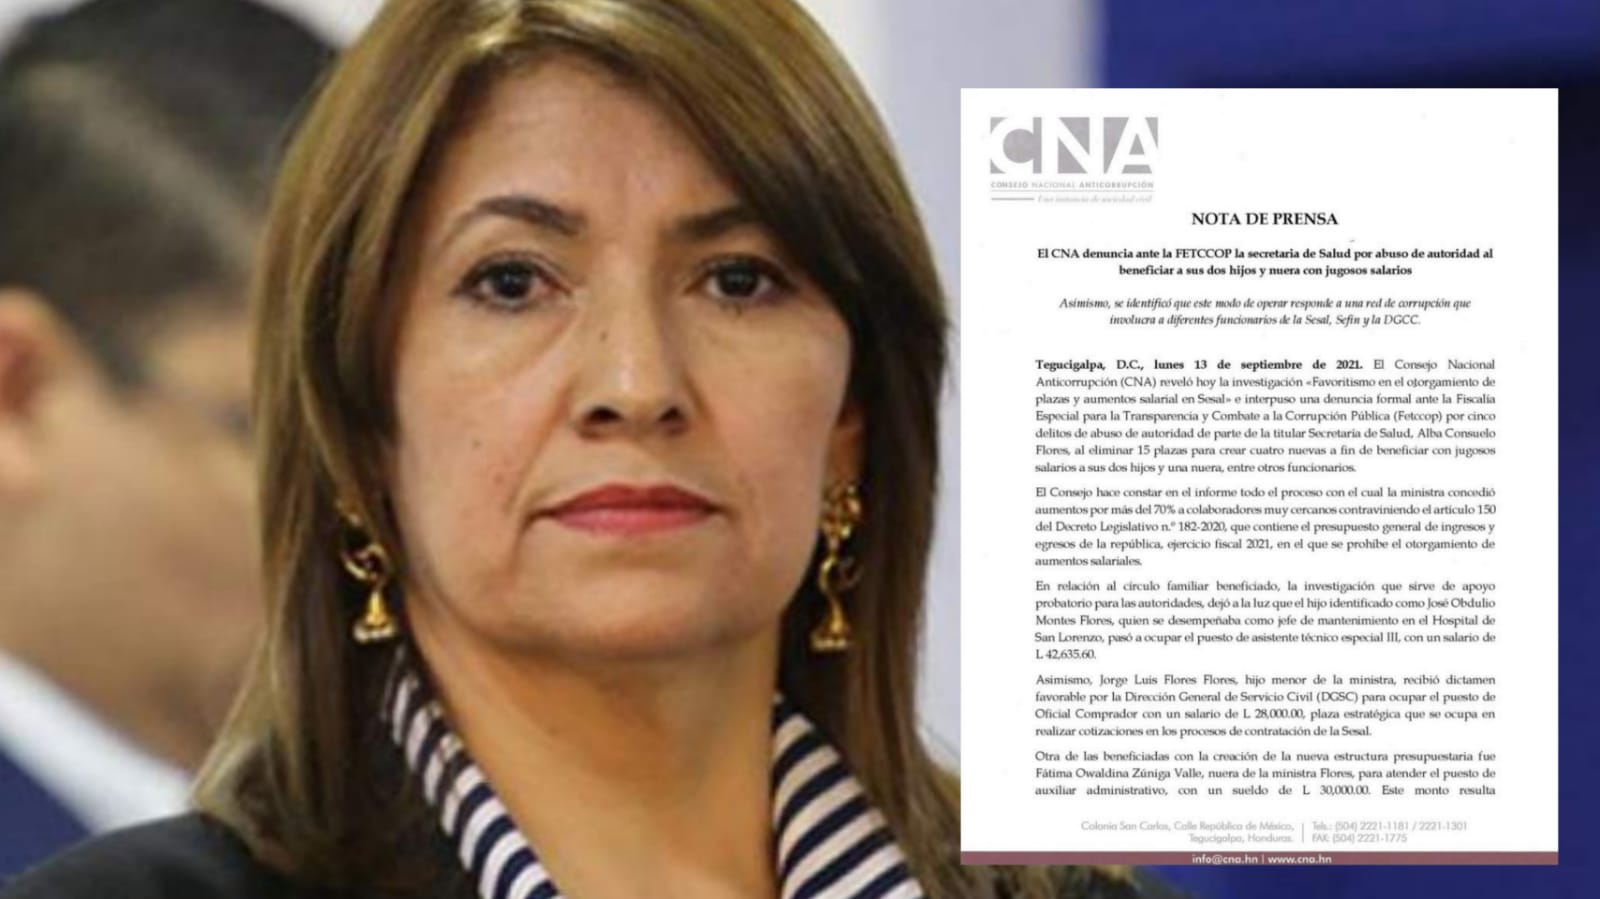 secretaria de salud denuncia del CNA